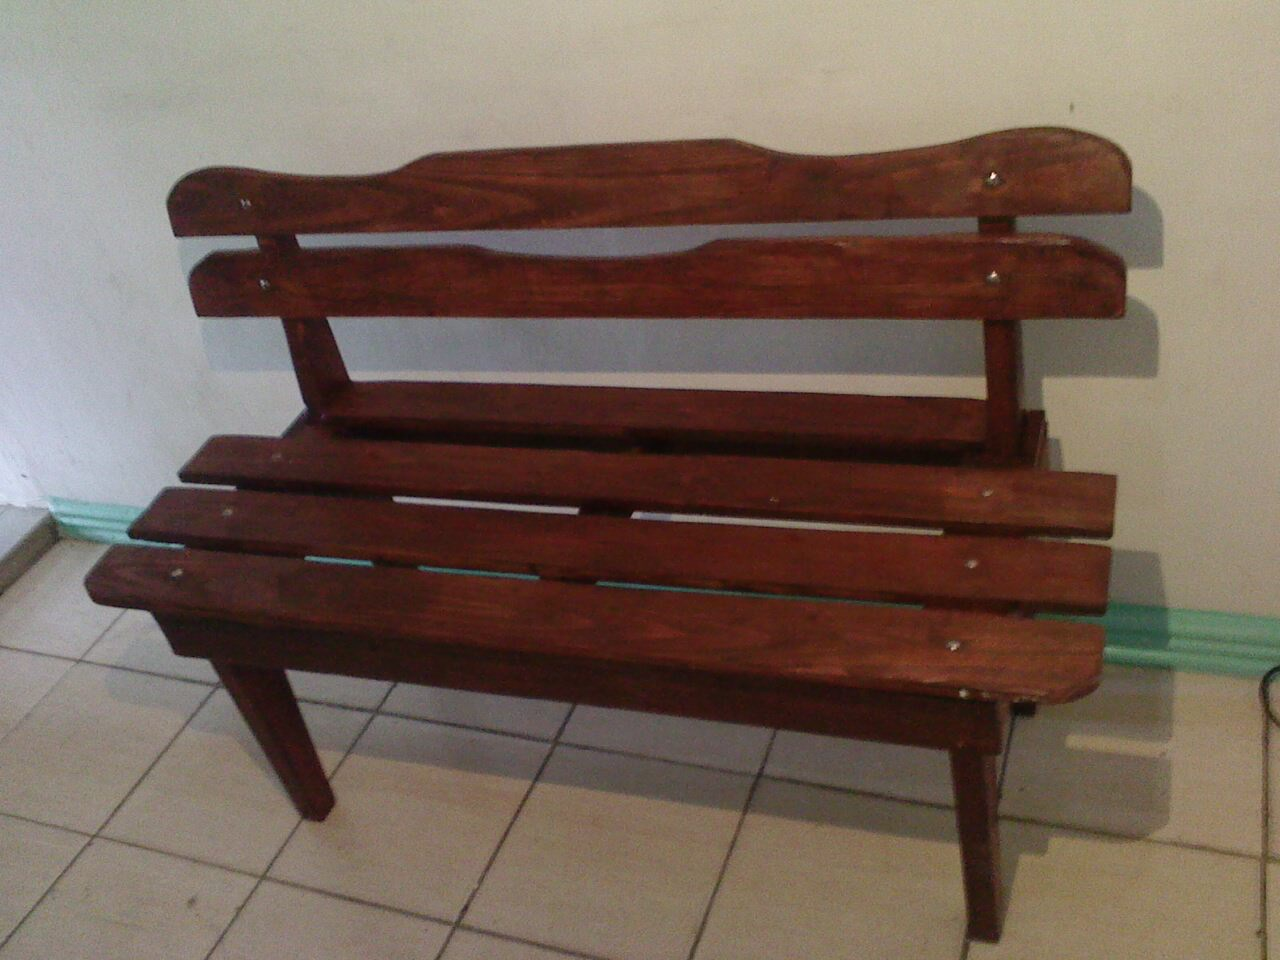 Peças Para Decoração: Bar Rústico em Madeira de Paletes #3E1E18 1280x960